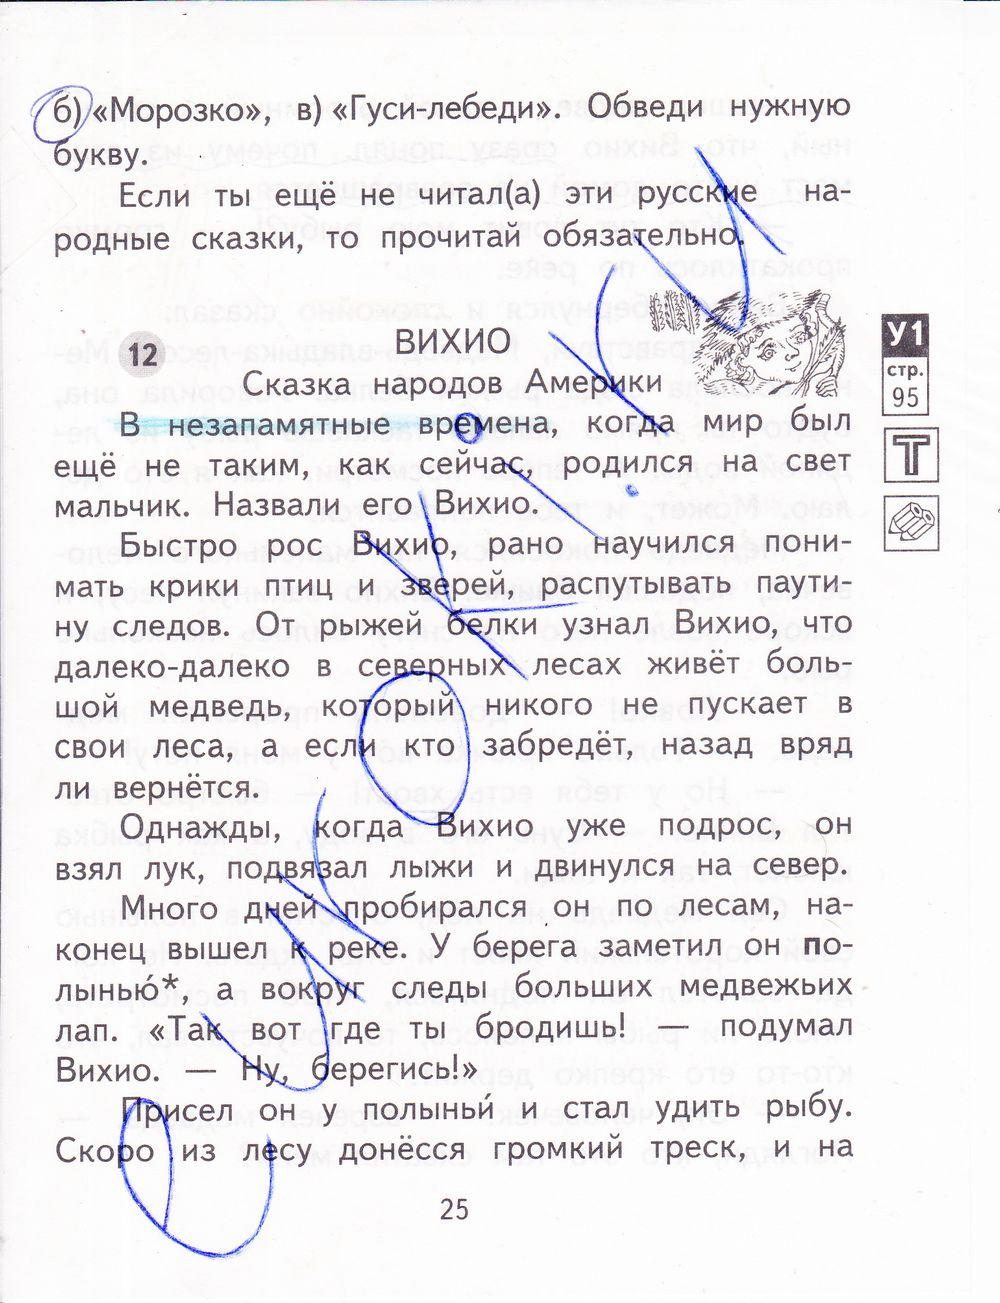 Дом задание по русскому 4 класс зеленина